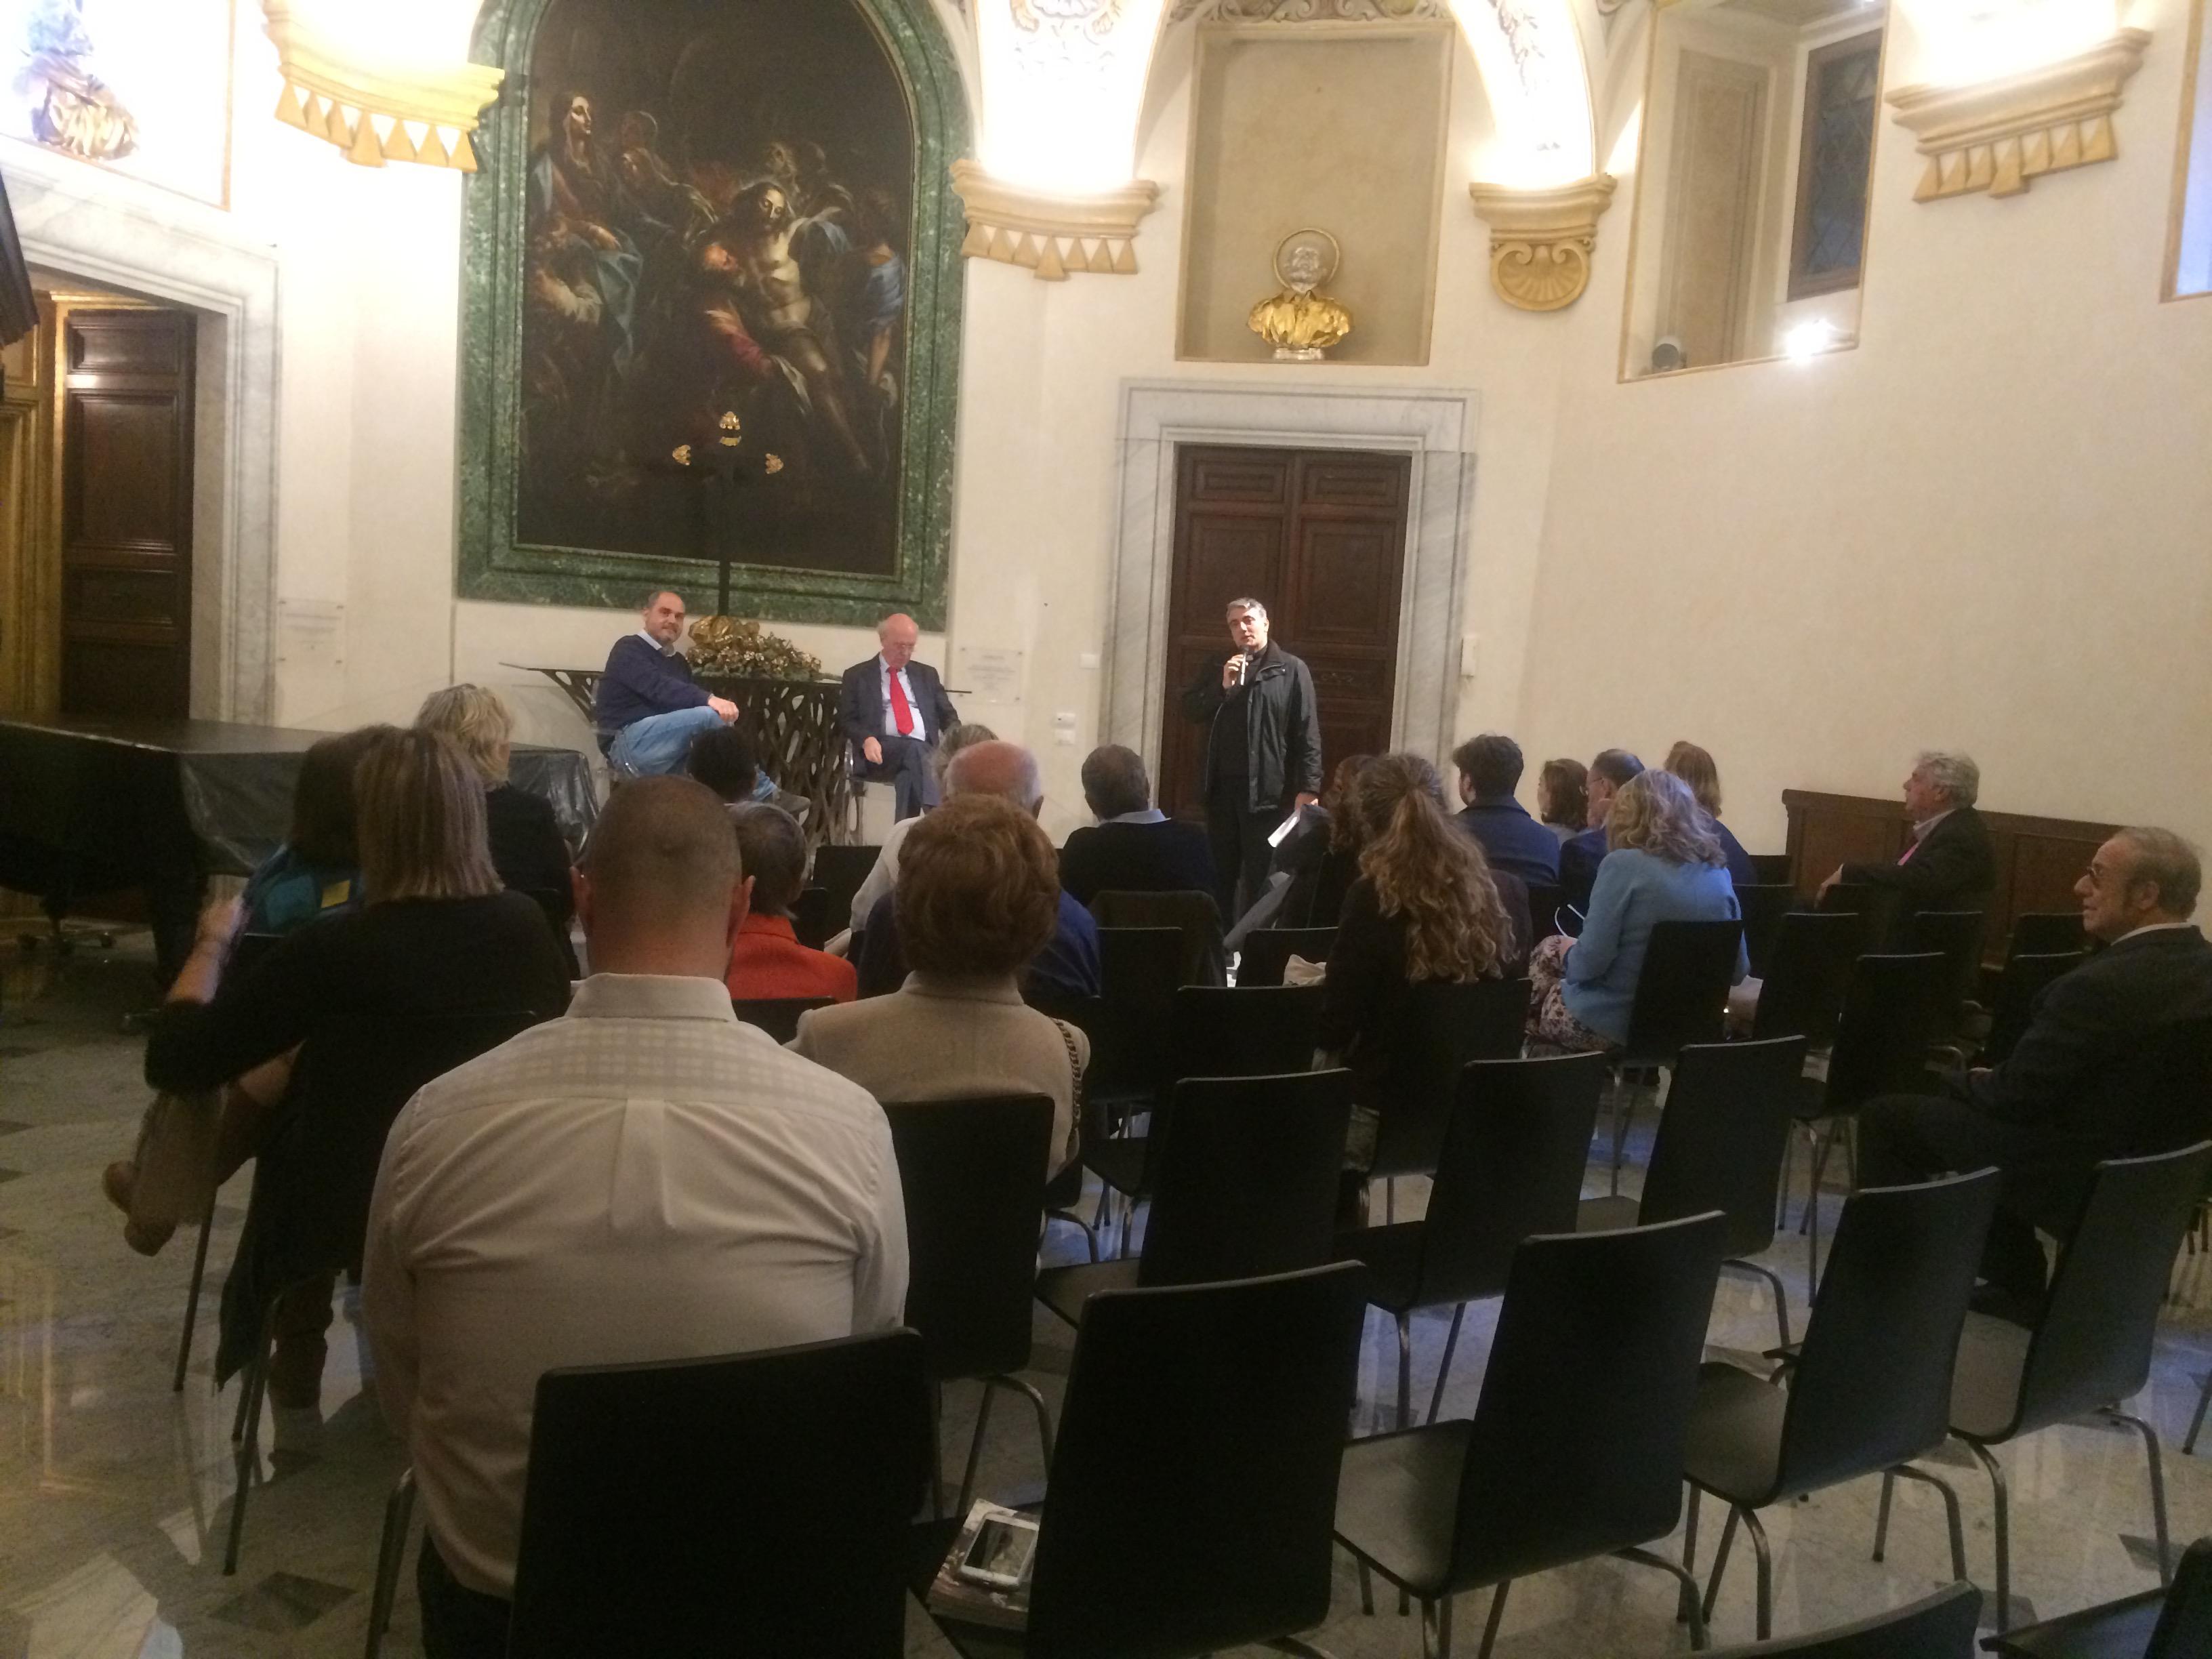 Roma, la Sagrestia di S. Maria in Montesanto 19 aprile 2018